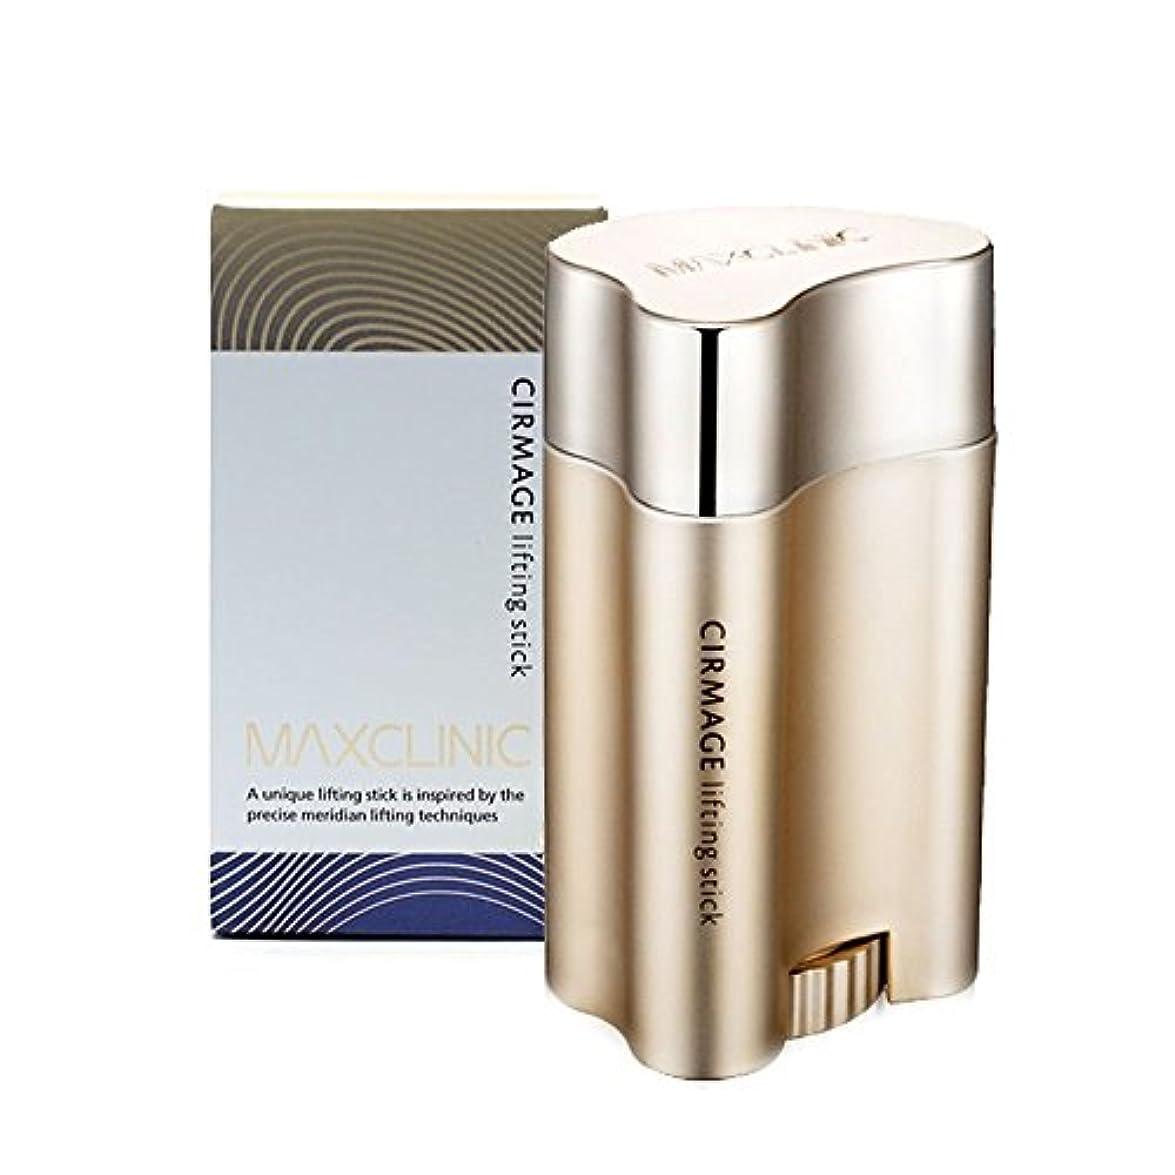 征服者いまプラスチックMAXCLINIC マックスクリニック サーメージ リフティング スティック 23g(Cirmage Lifting Stick 23g)/Direct from Korea/w free Gift Sample [並行輸入品]